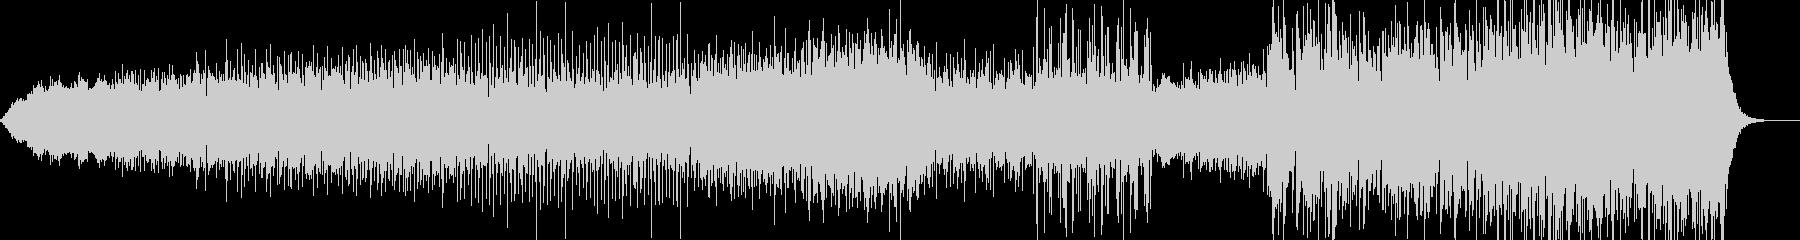 アンビエントフューチャーポップの未再生の波形